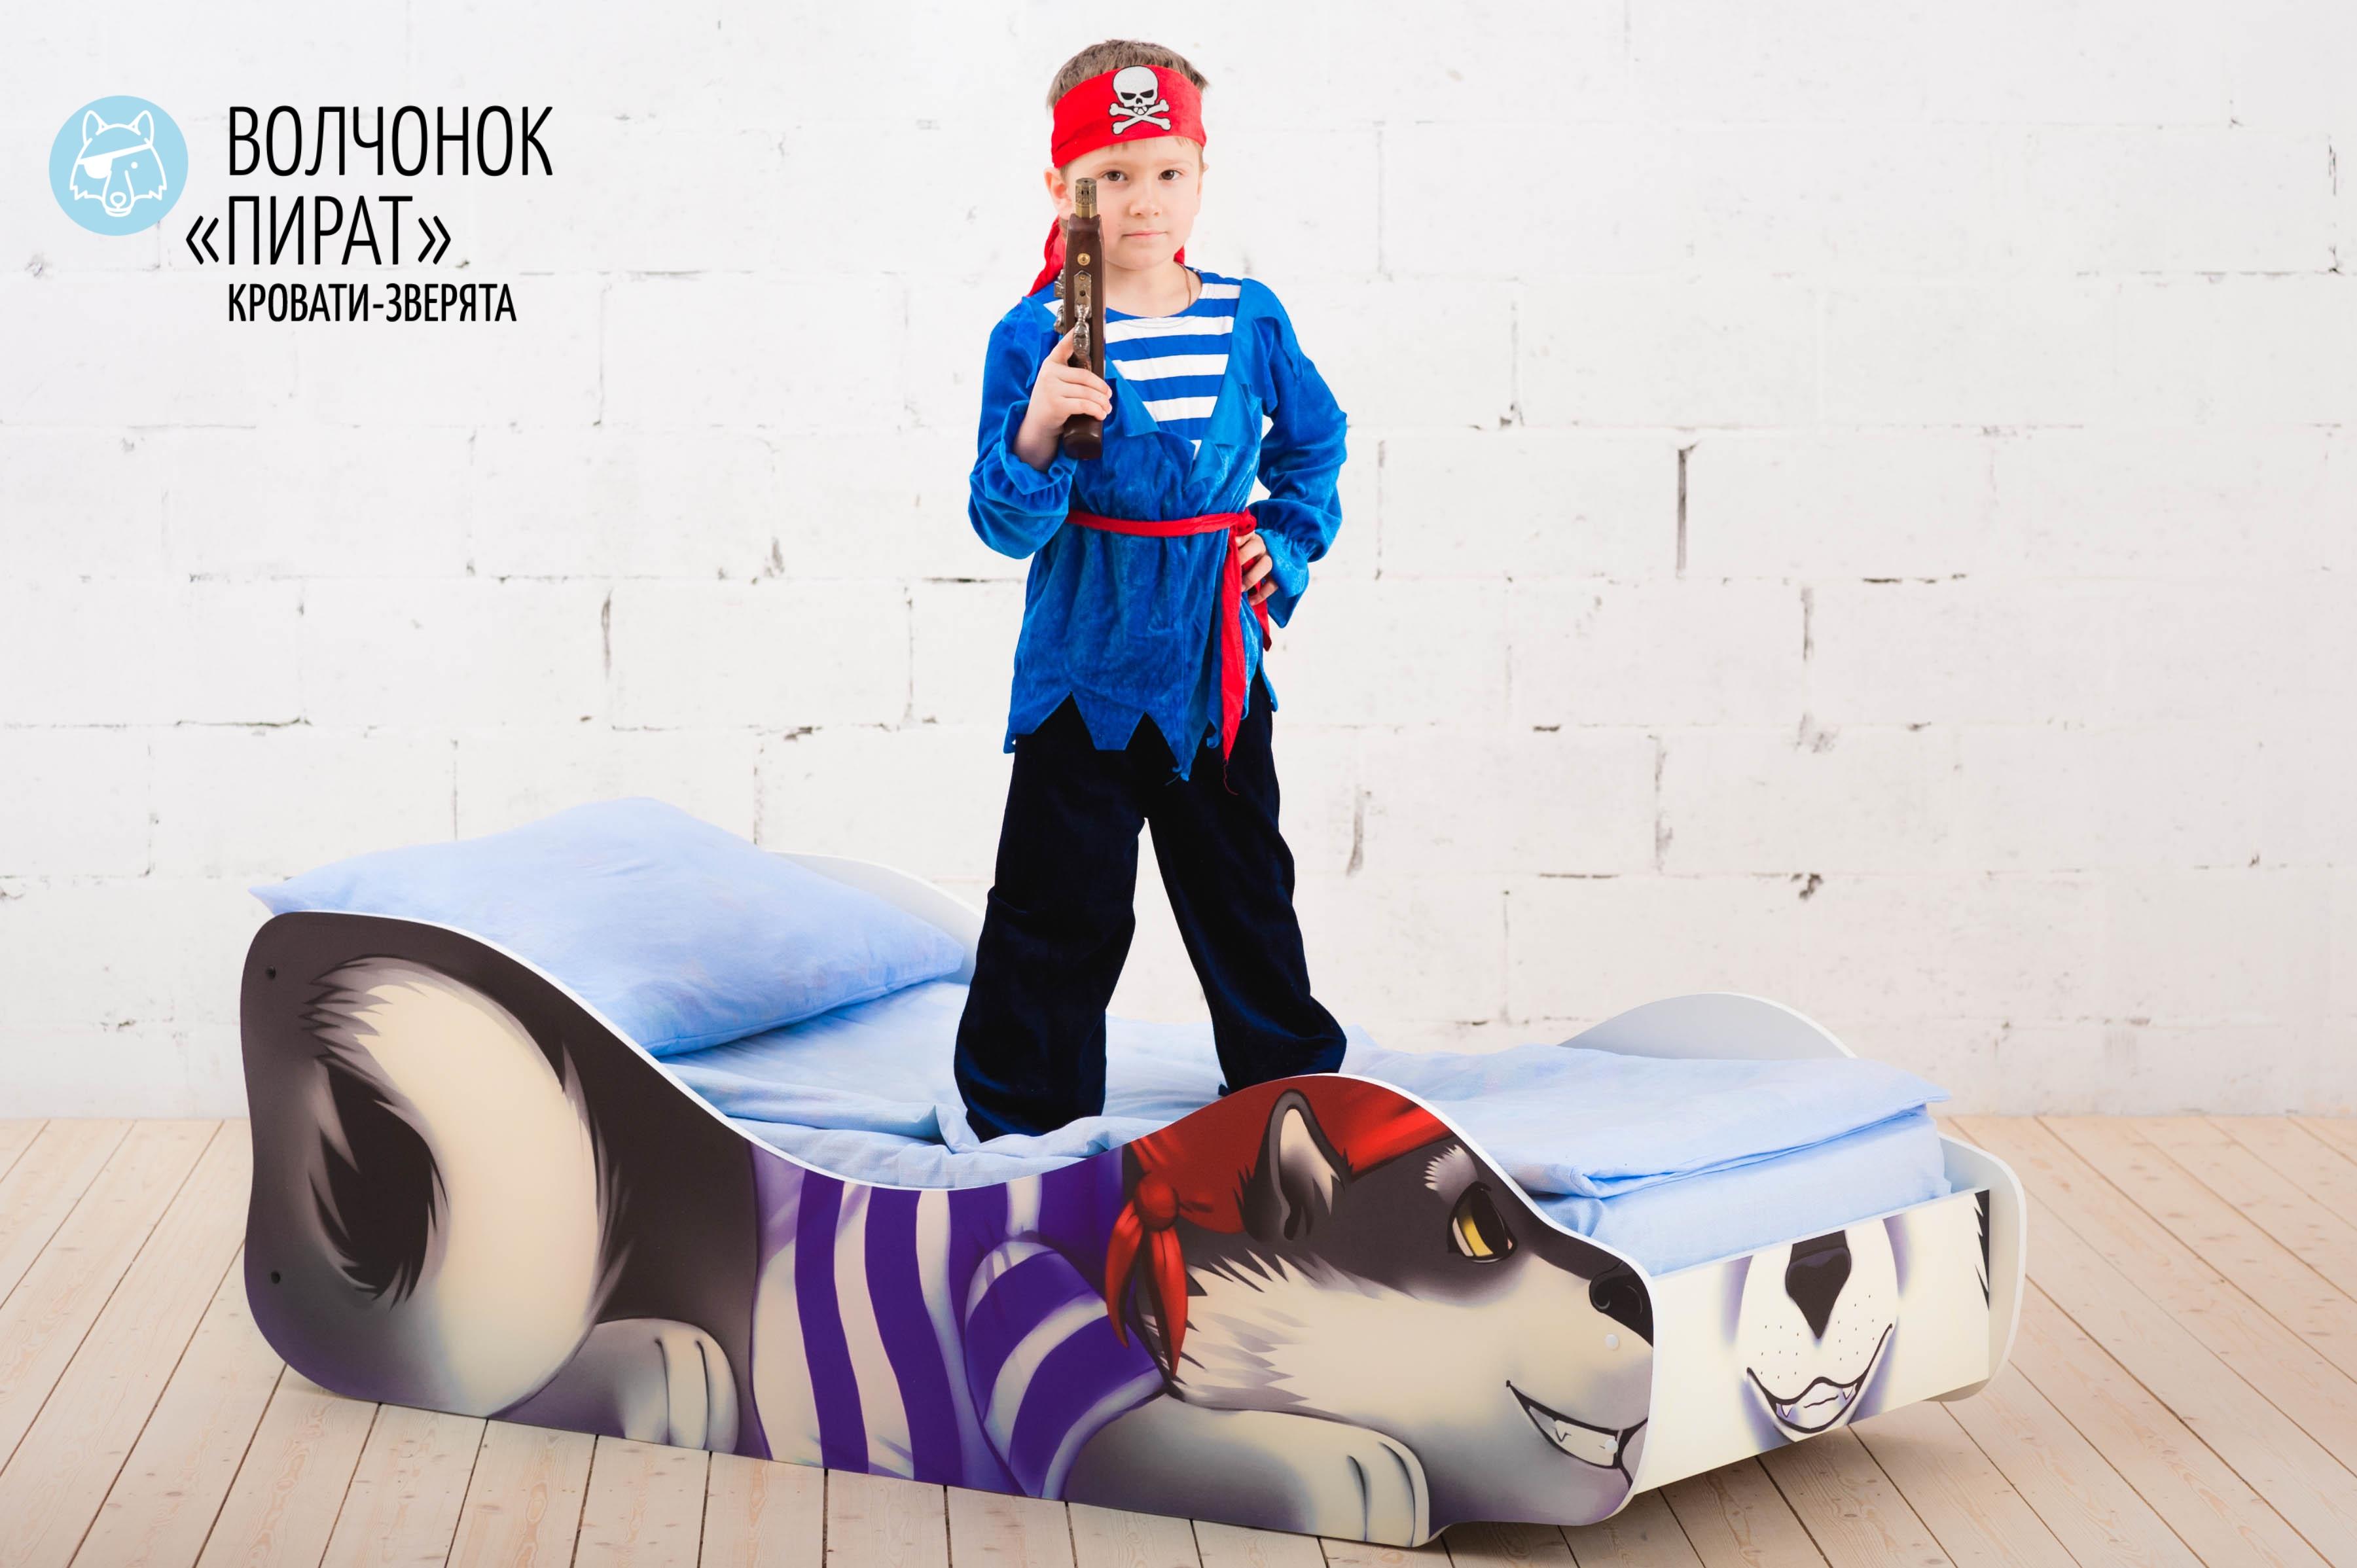 Детская кровать-зверенок -Волчонок-Пират-11